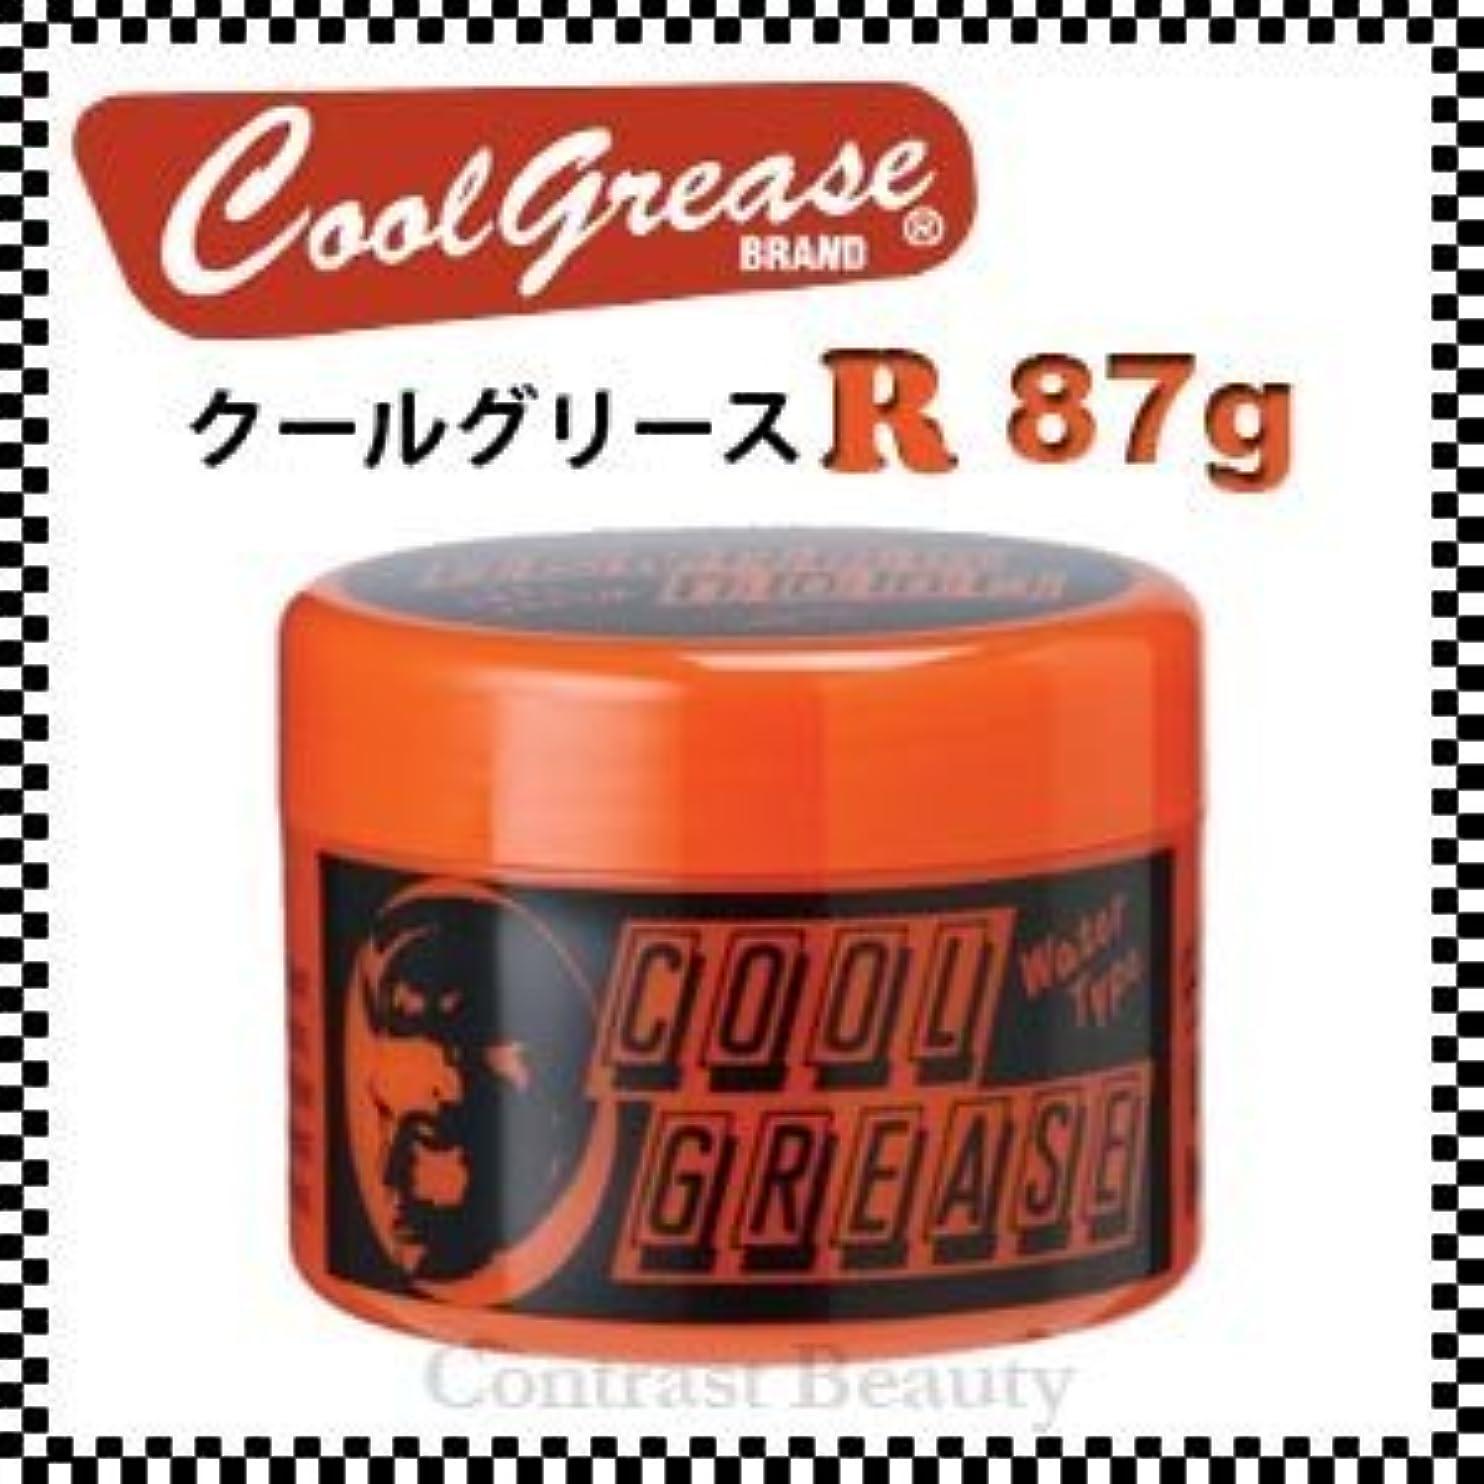 放棄する深くアンプ阪本高生堂 クールグリース R 87g